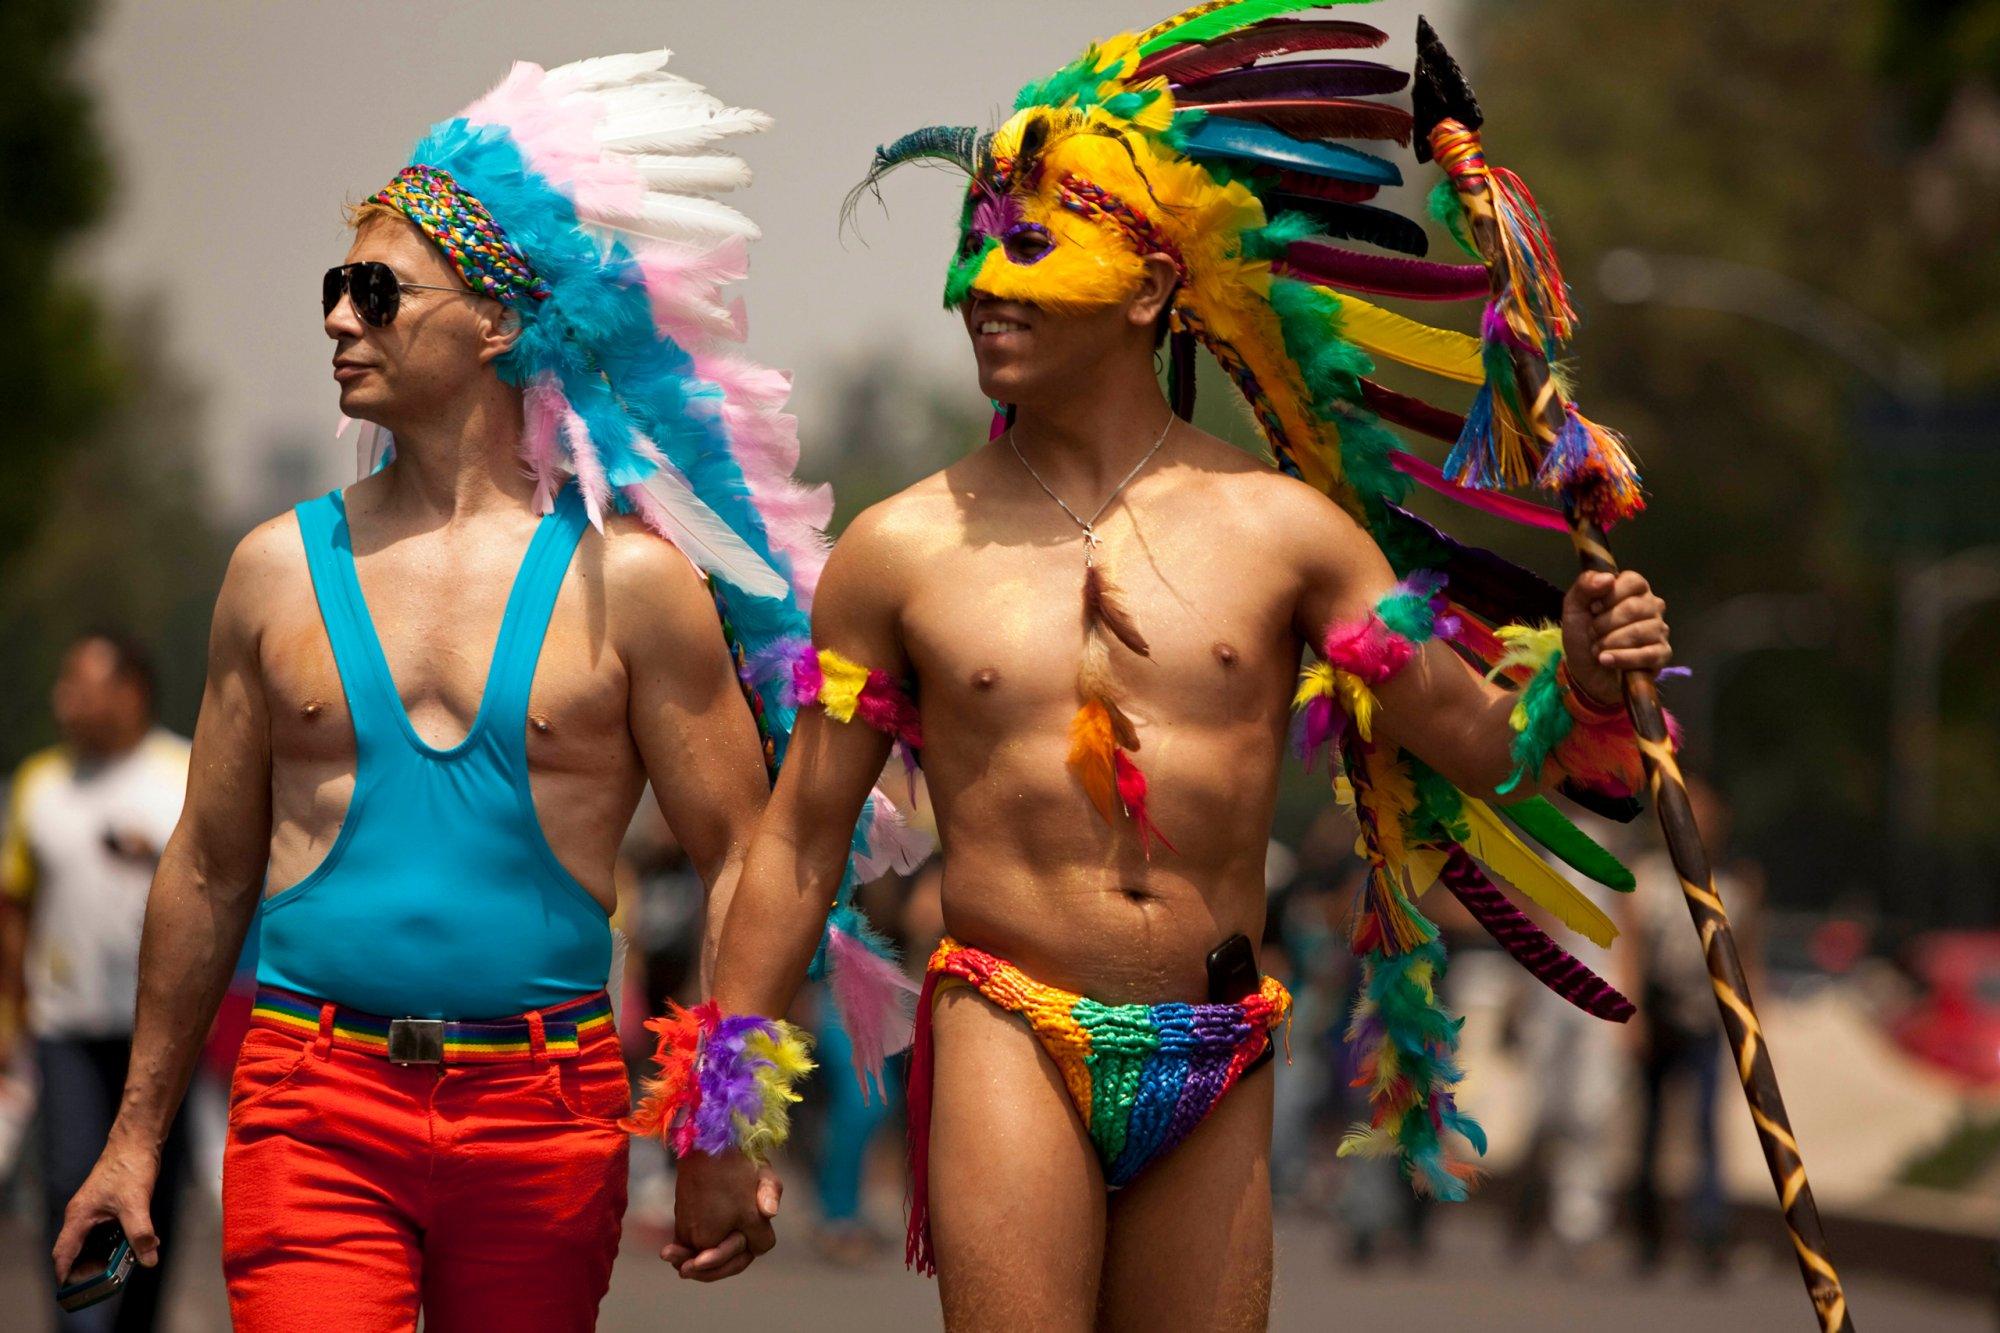 Днем, гей картинки смешные